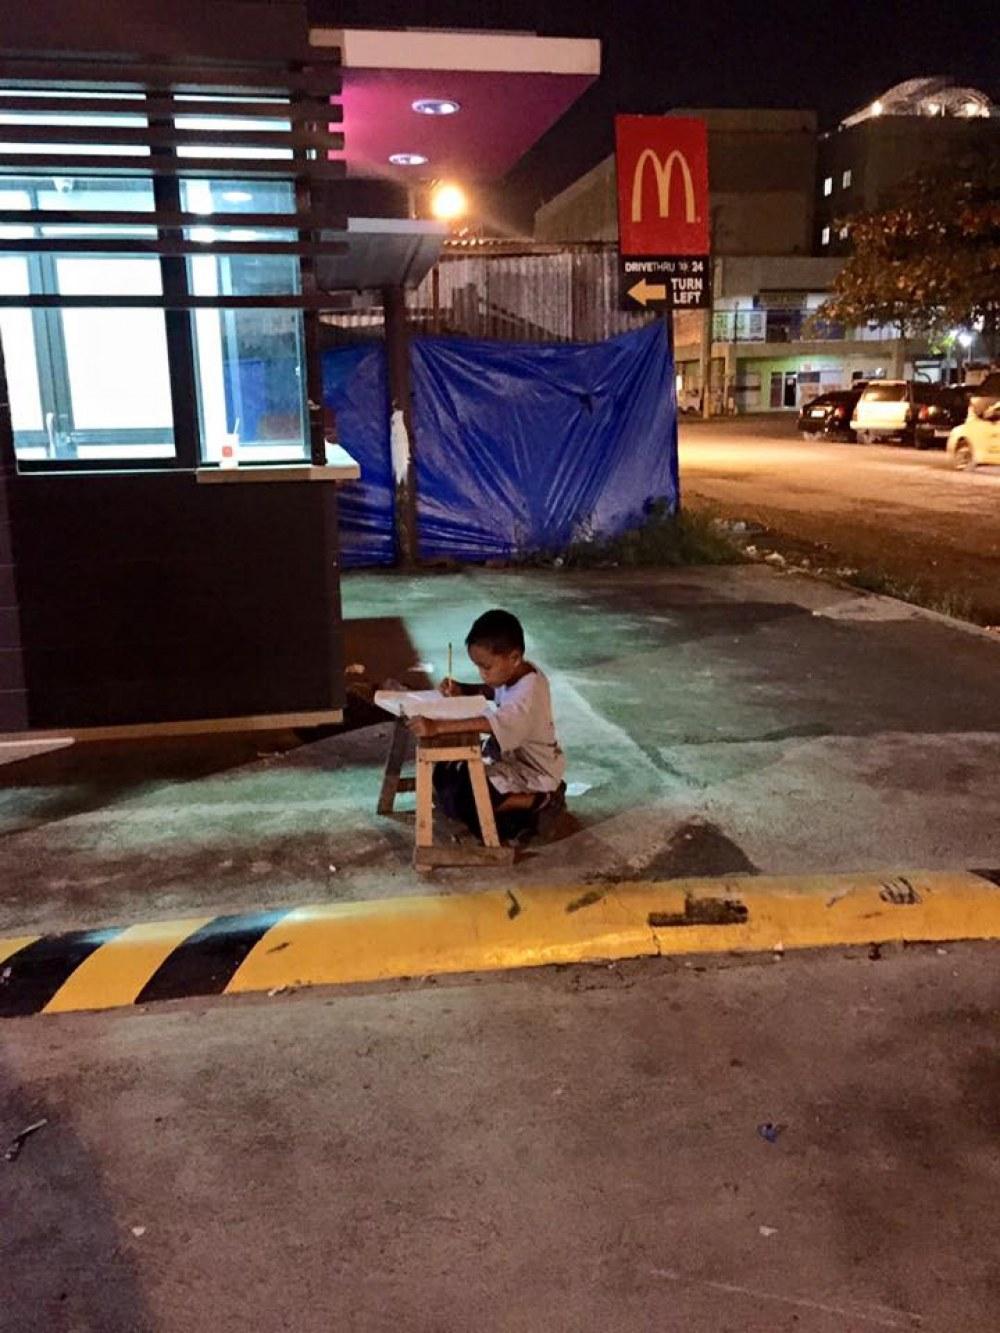 9 წლის დანიელ კაბრერა გაკვეთილებს მაკდონალდსის შუქზე ამზადებს